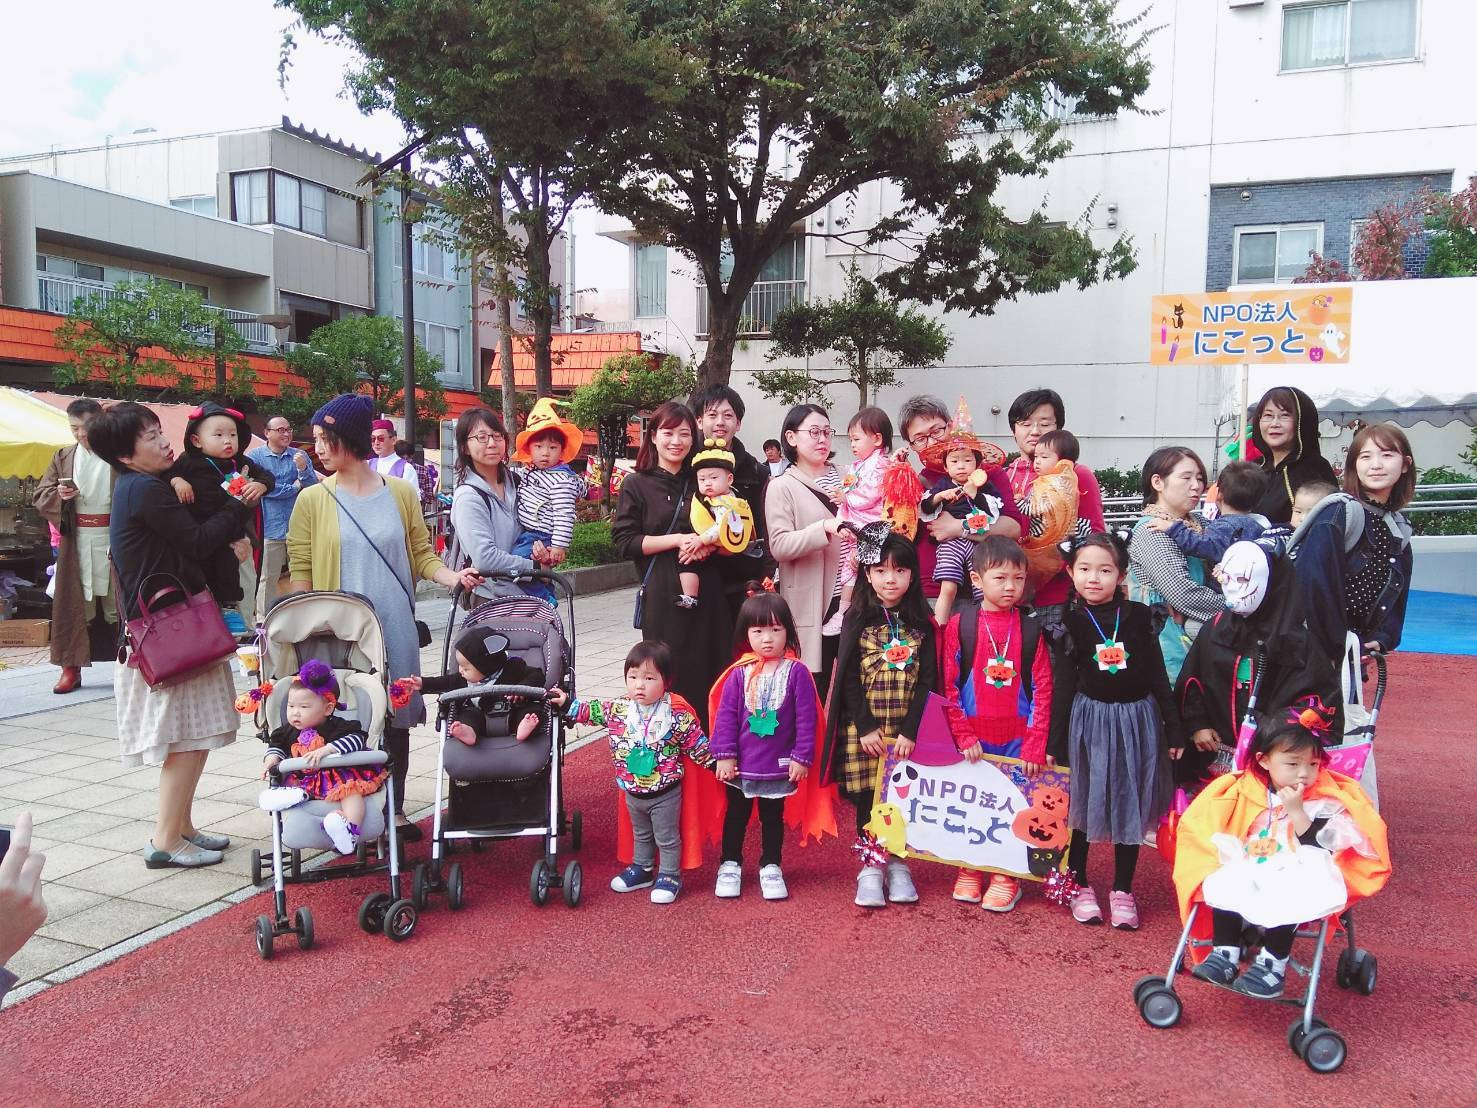 【さかた大繁盛ハロウィンまつり】ハロウィンパレード参加しました!_b0079382_16090874.jpg